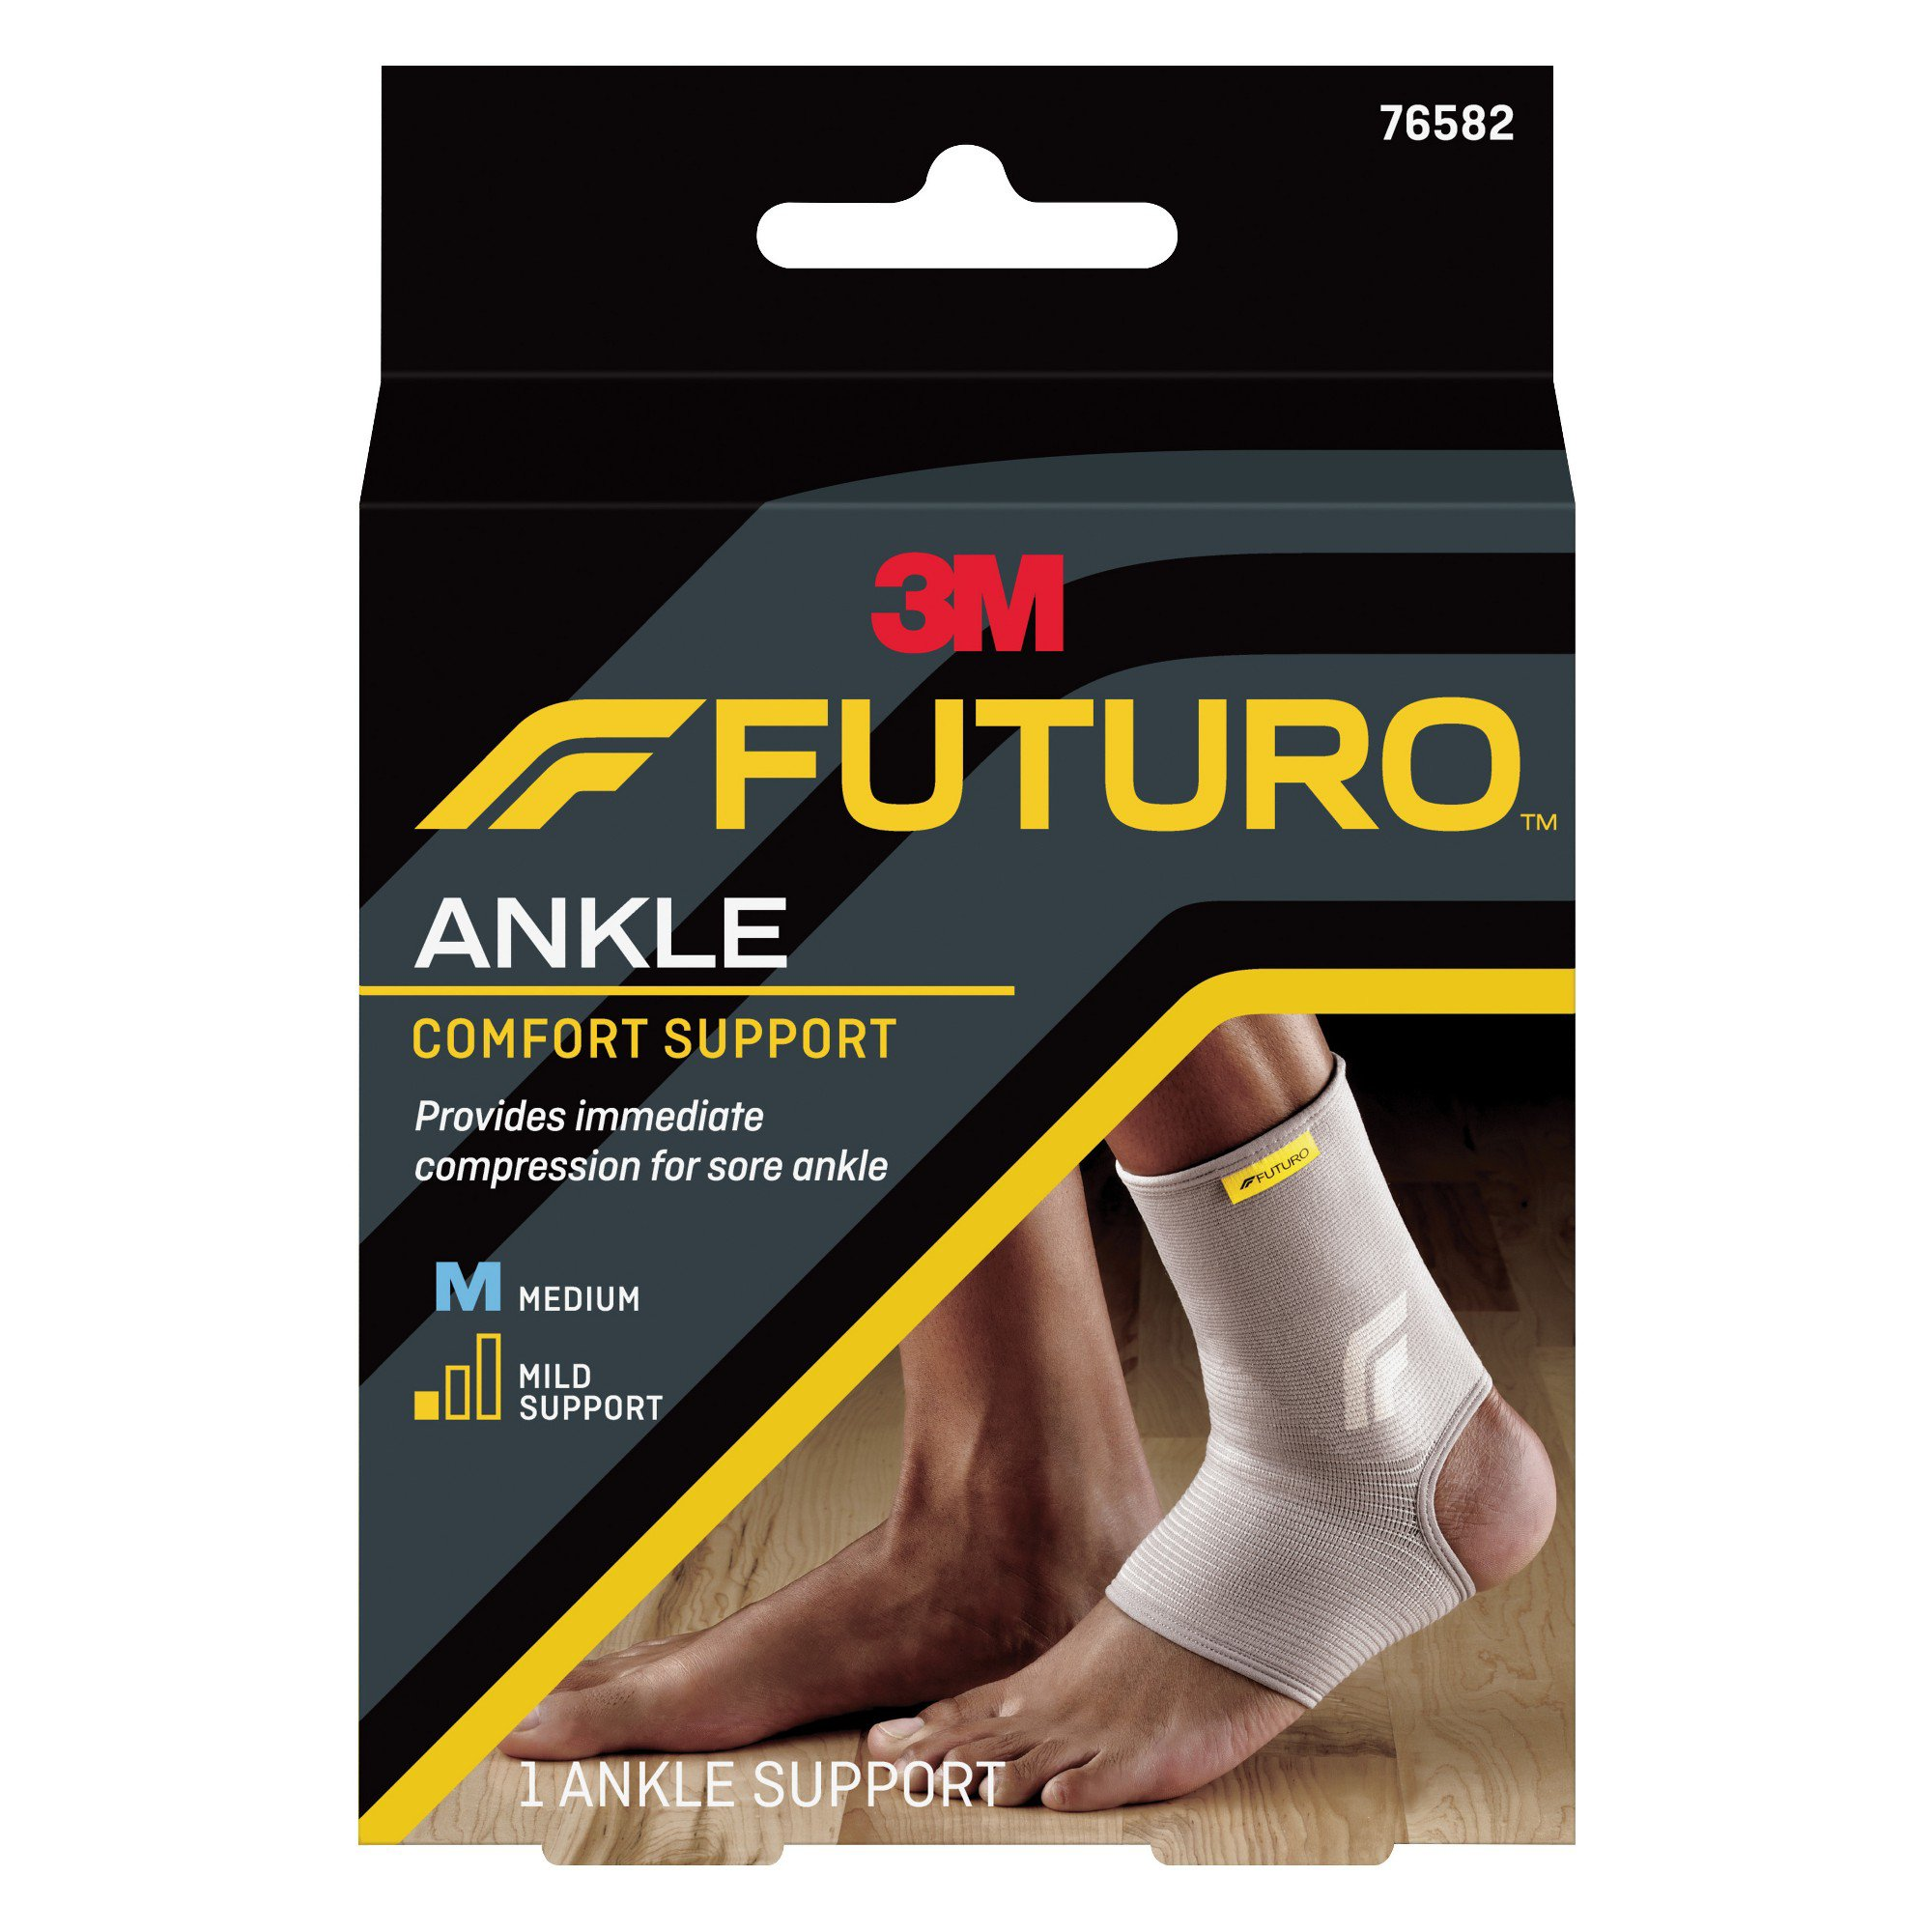 3M Futuro Ankle Comfort Support, 76582ENR, Medium - Box of 3